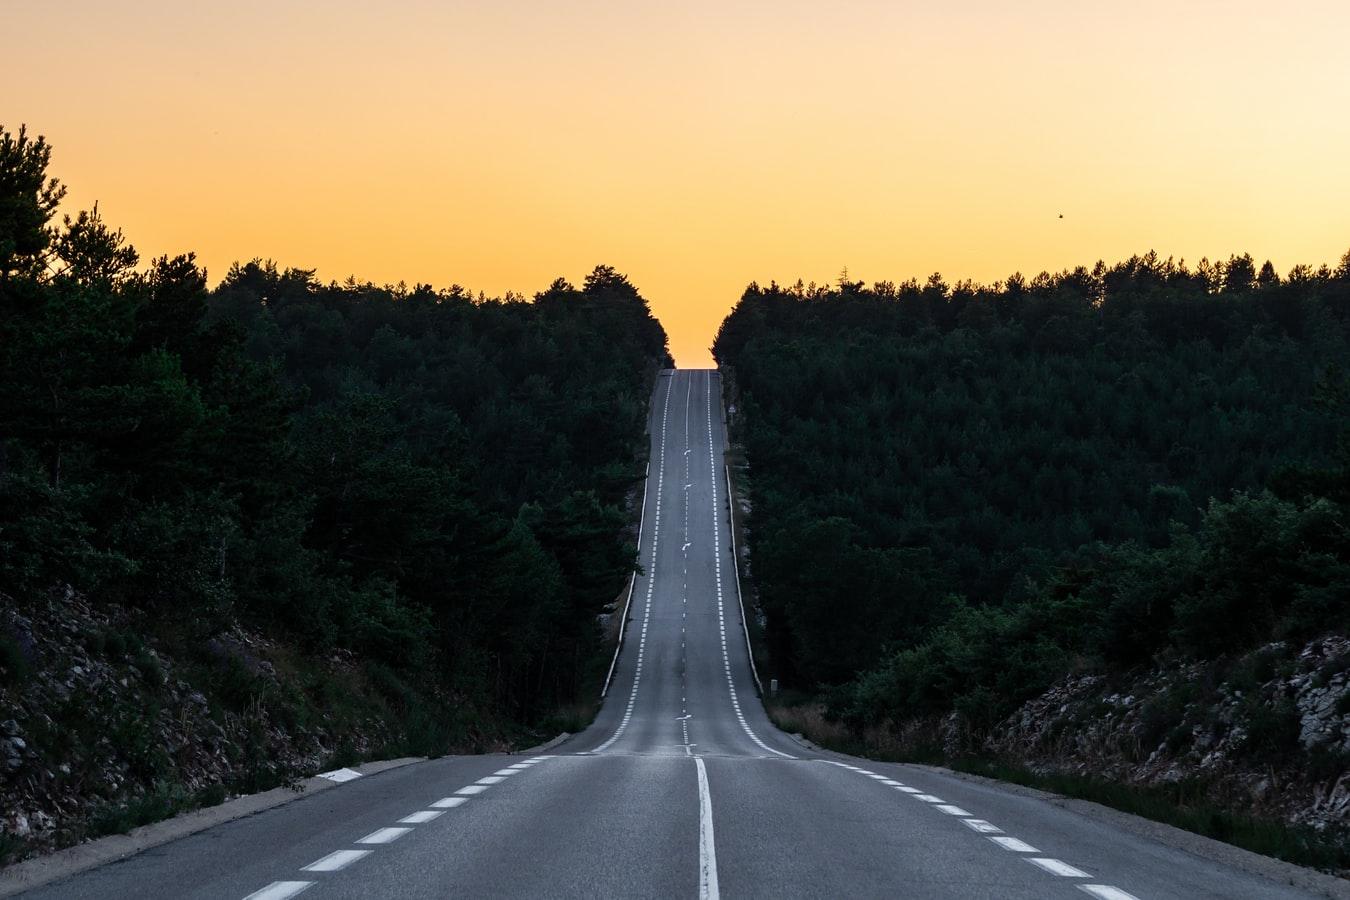 Ο δρόμος προς την επιτυχία